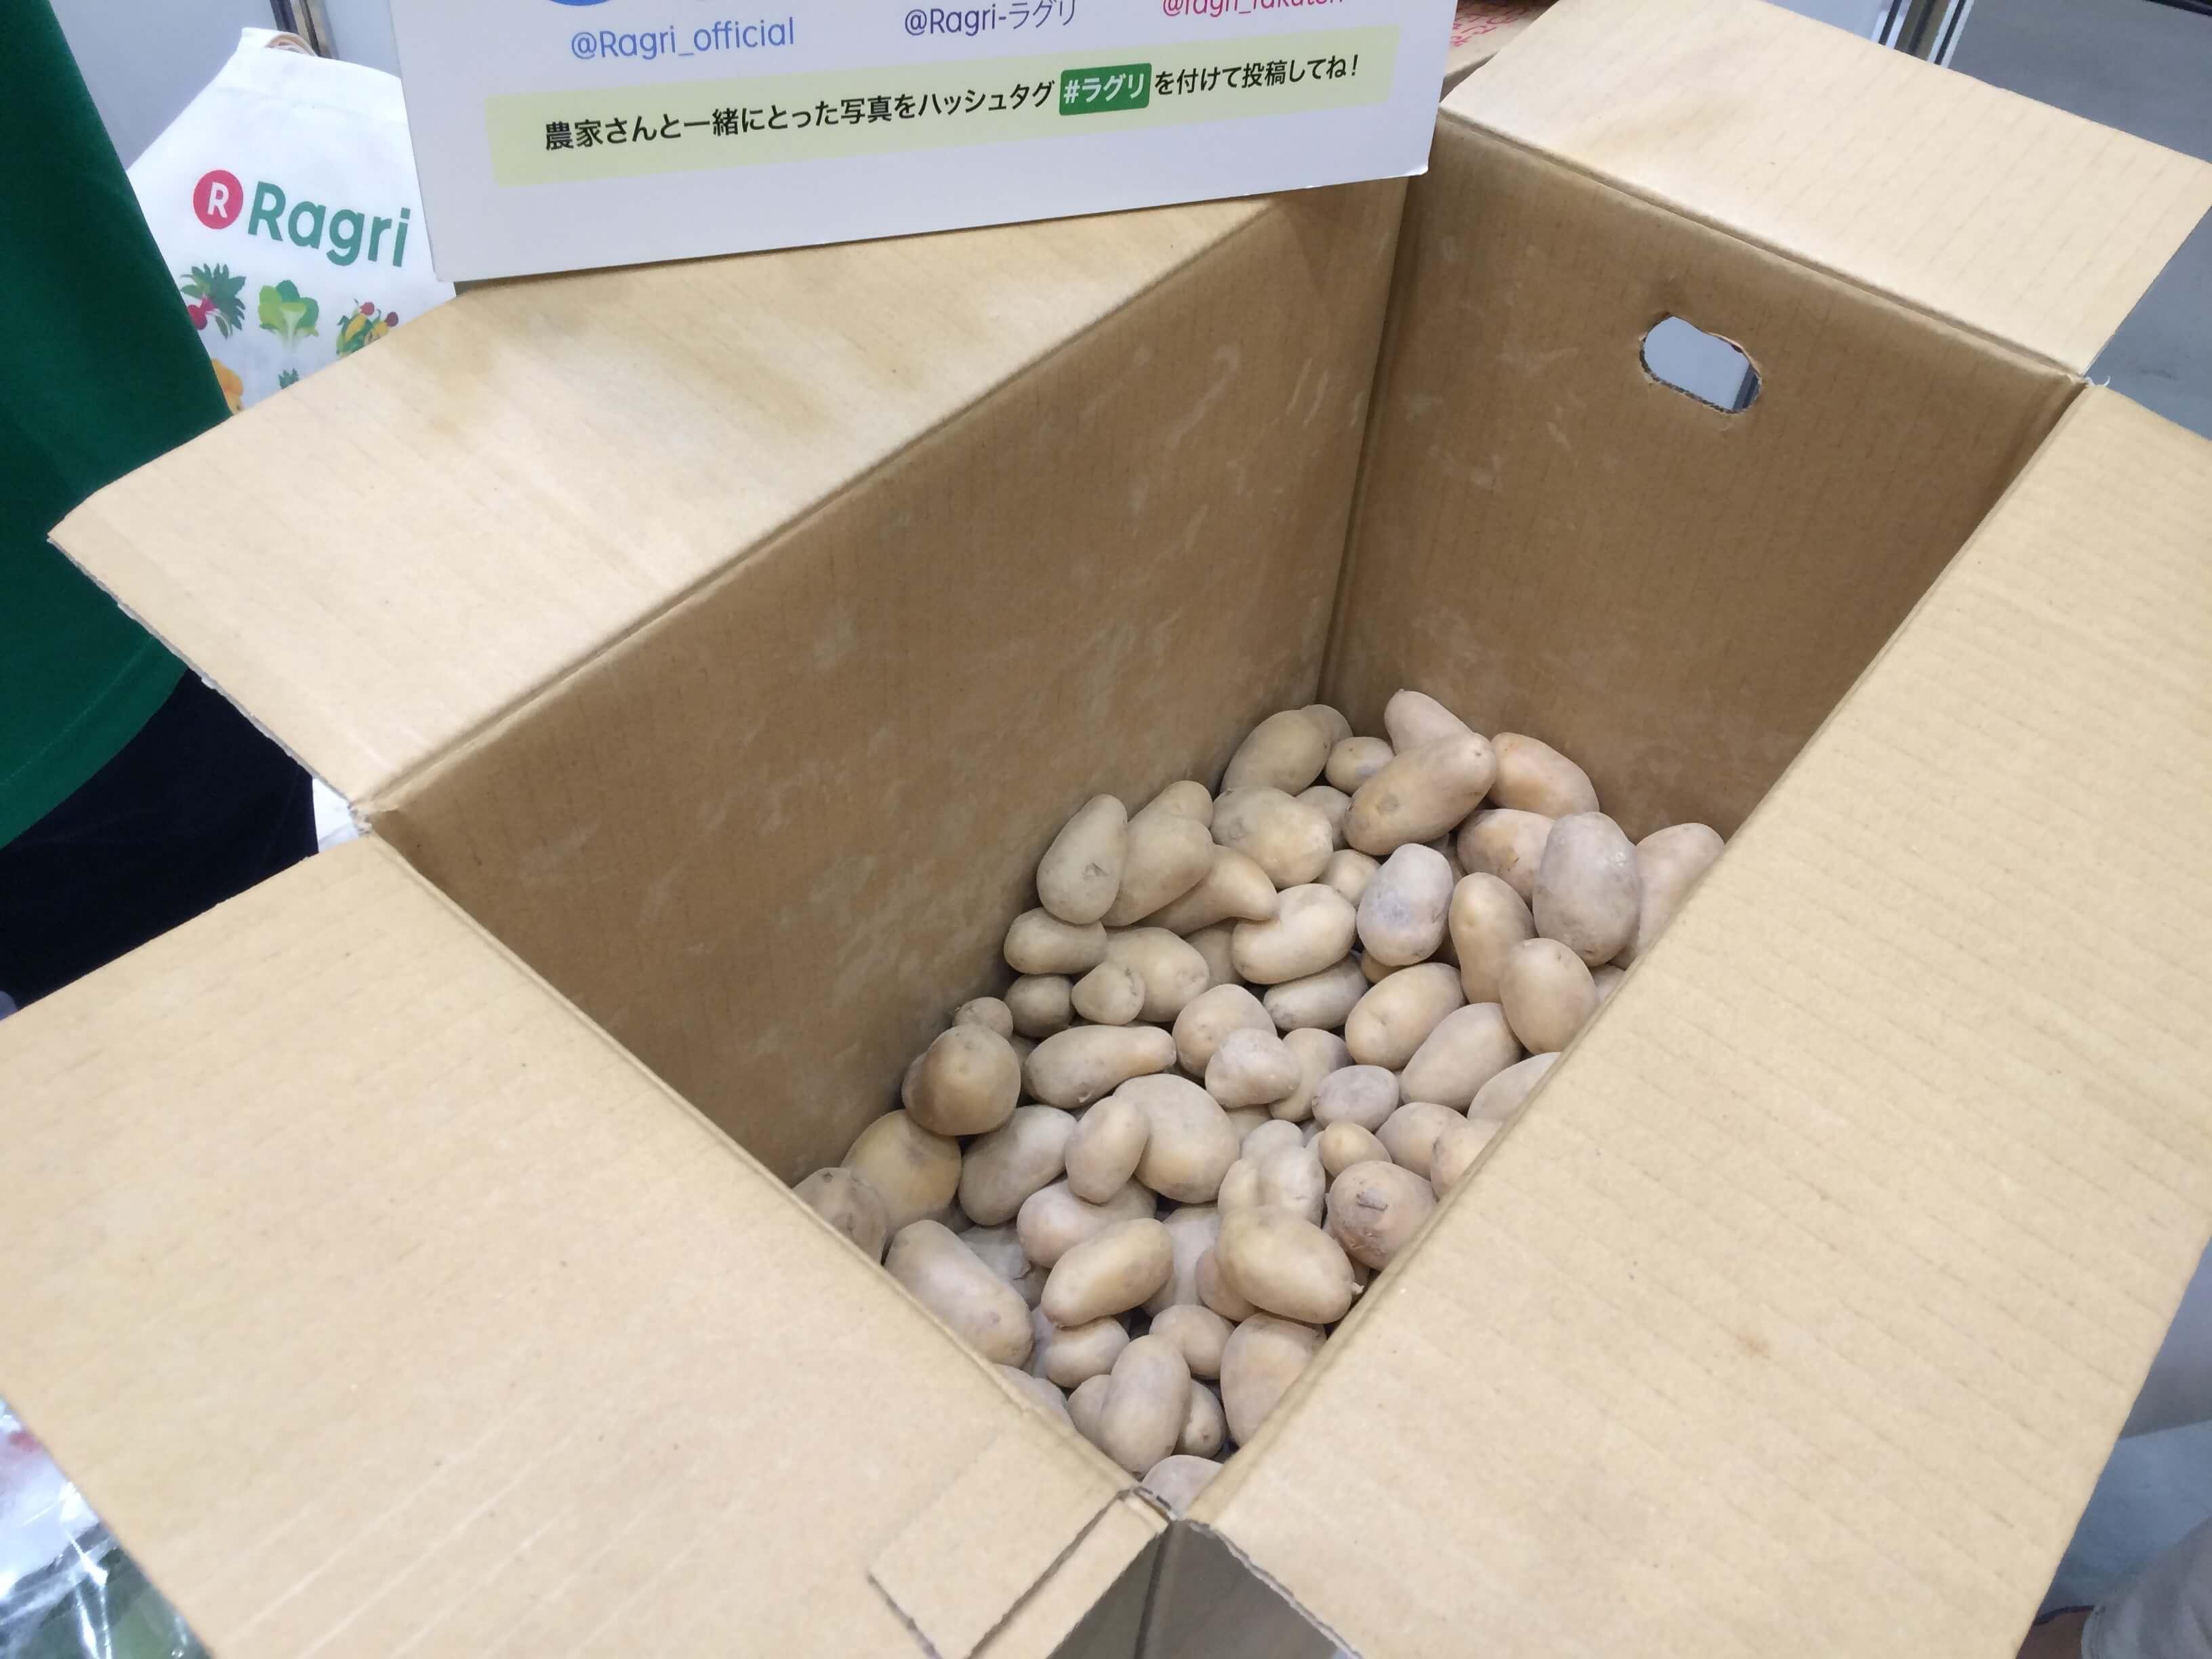 楽天ラグリ生産者インタビュー16